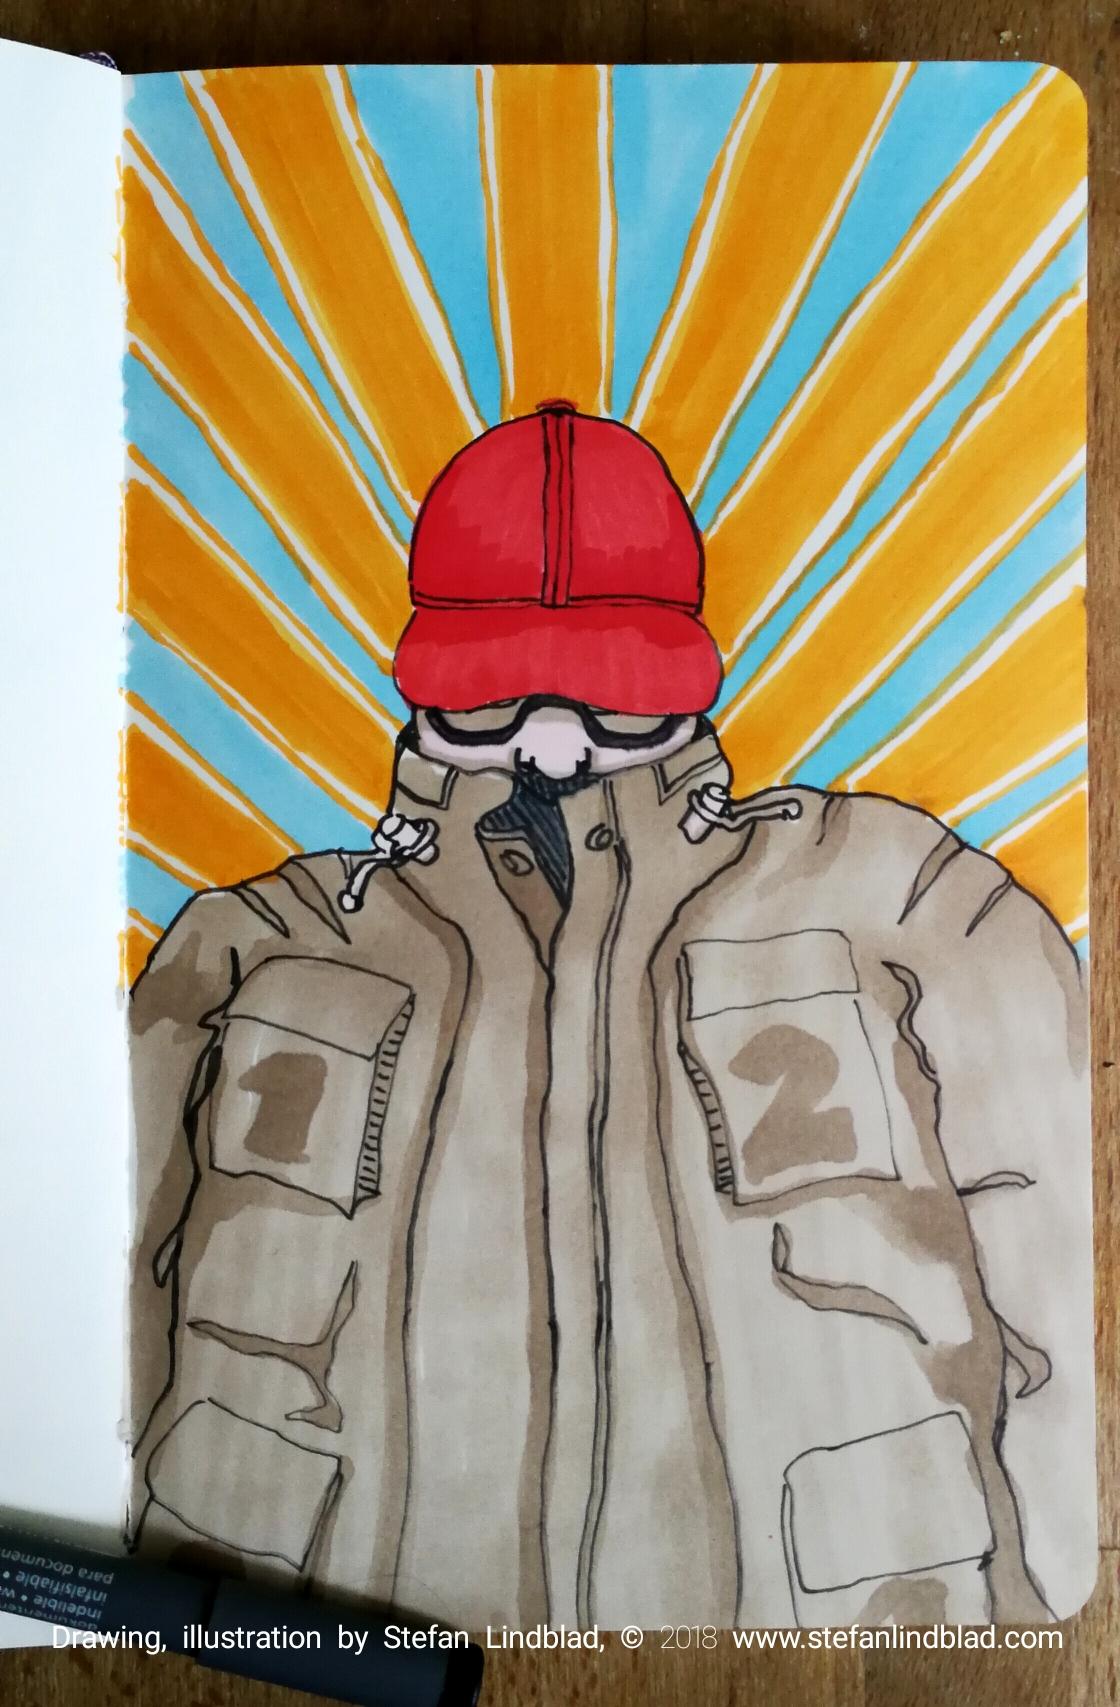 Illustration, Illustratör, Stefan Lindblad, röd, keps, jacka, man i vinterjacka, Stripes, Solstrålar, Moelskine, Steadtler, Unipen, Touch twin markers, tuschpennor